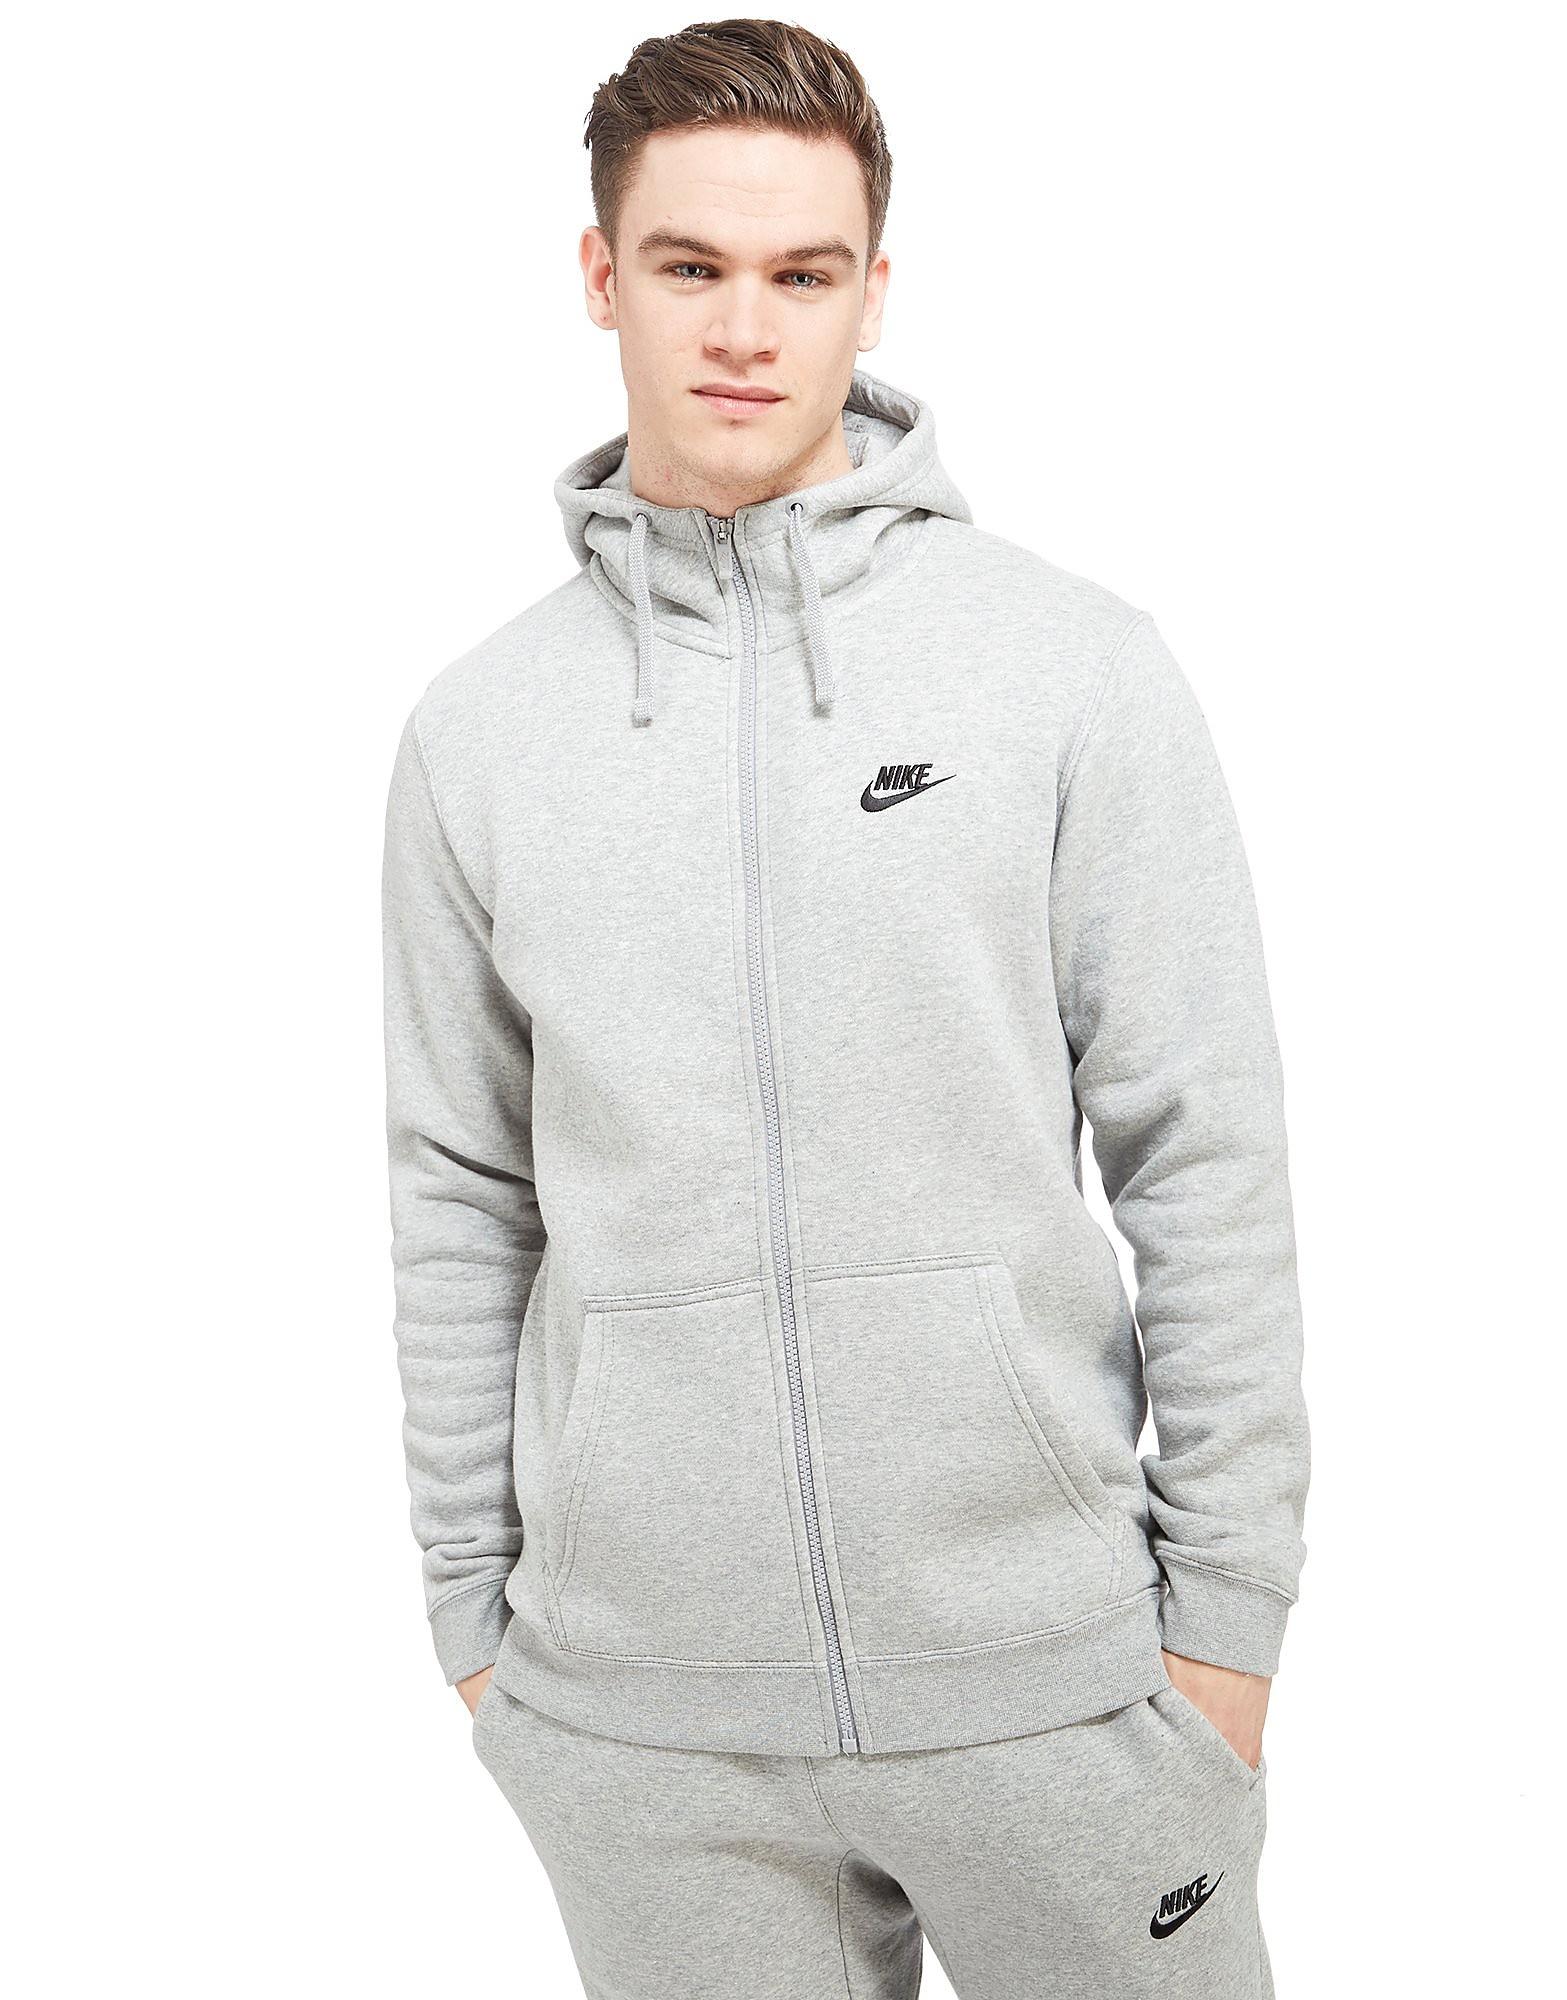 Nike Foundation Fleece Full Zip Hoody